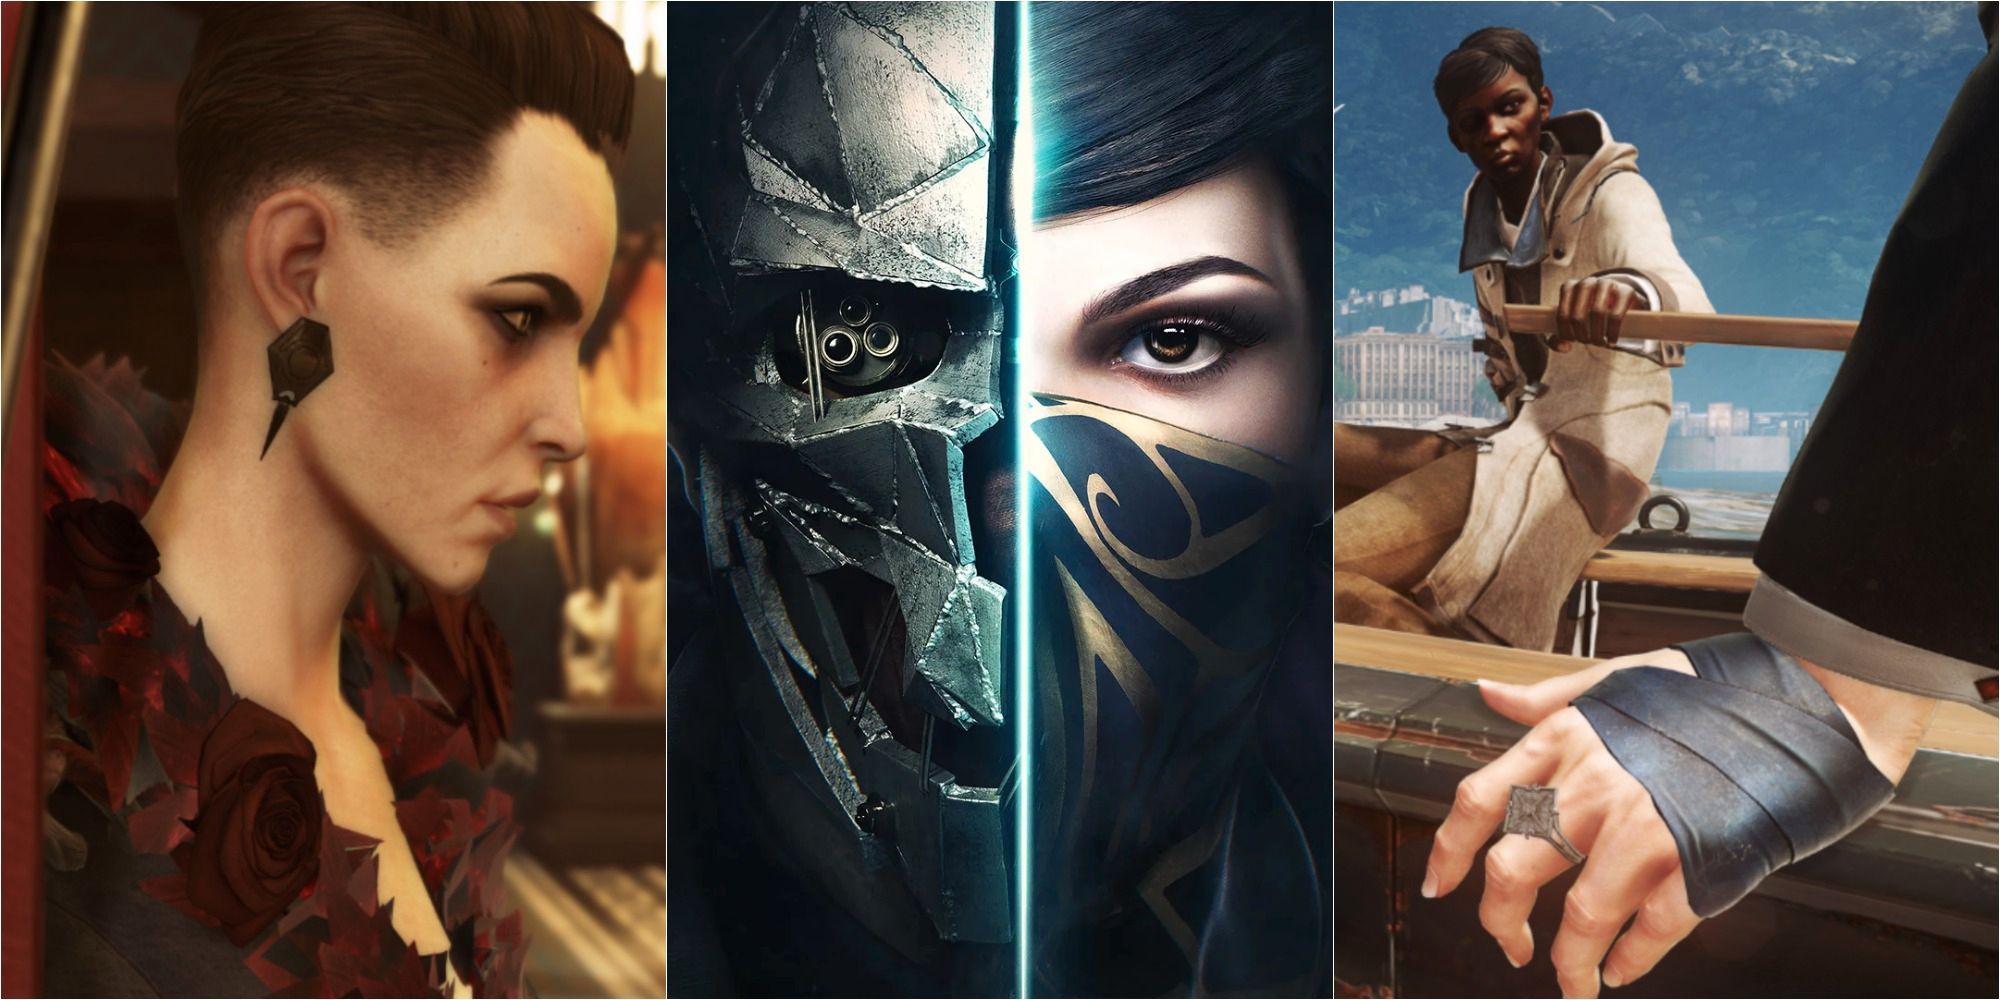 ¿Cuánto tiempo se tarda en vencer a Dishonored 2?